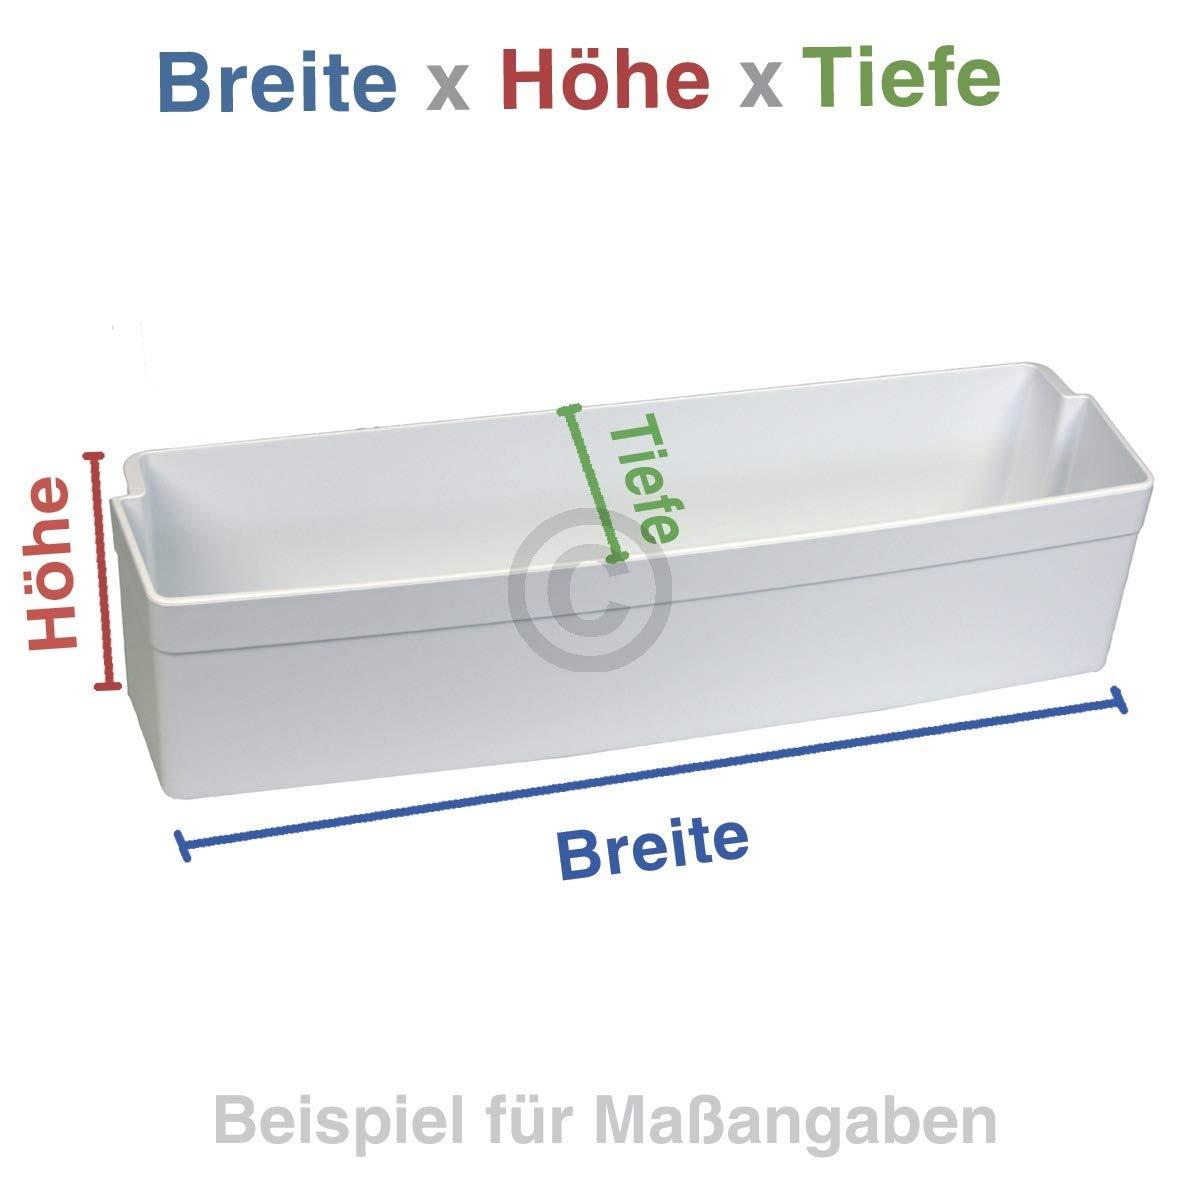 Bosch Absteller Fach T/ürfach niedrig 704750 nur f/ür K/ühlschrank siehe Beschreibung 00704750